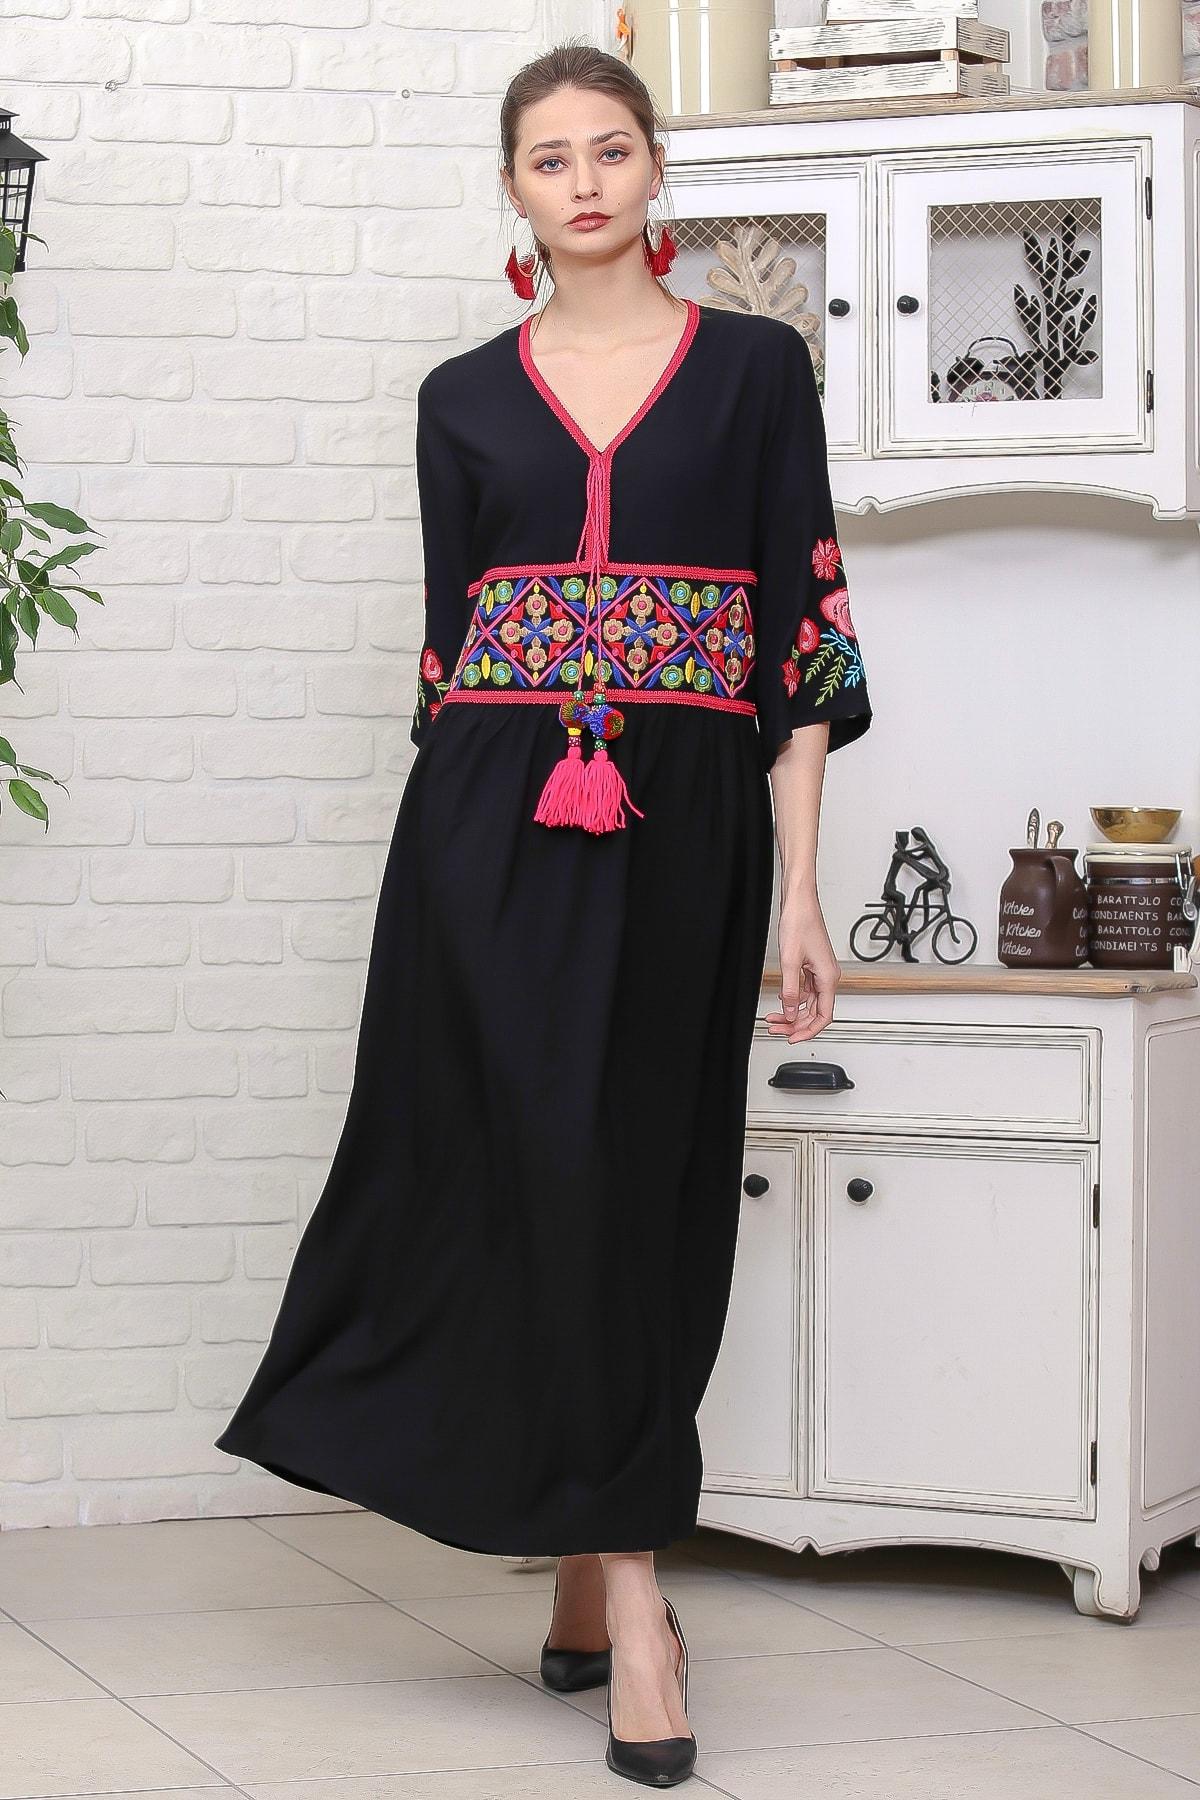 Chiccy Kadın Siyah Beli Ve Kolları Nakışlı Ponponlu Bağcıklı Salaş Dokuma Elbise M10160000EL95920 2